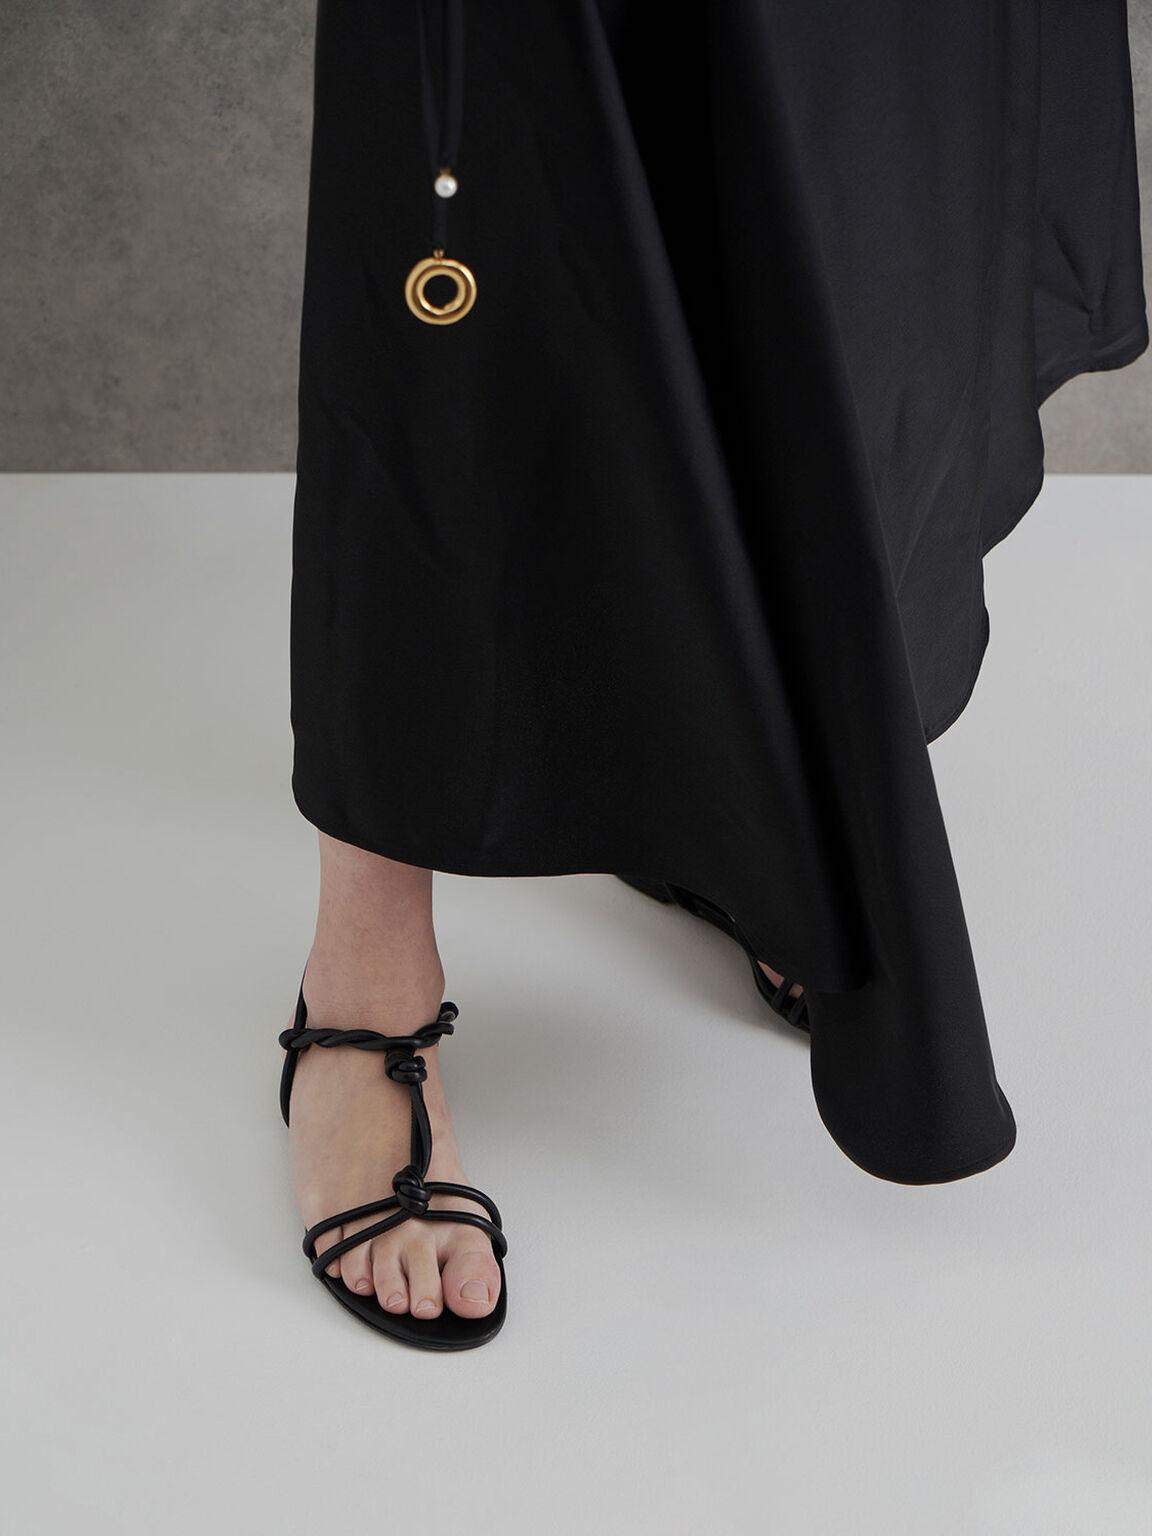 Knotted Strap Sandals, Black, hi-res